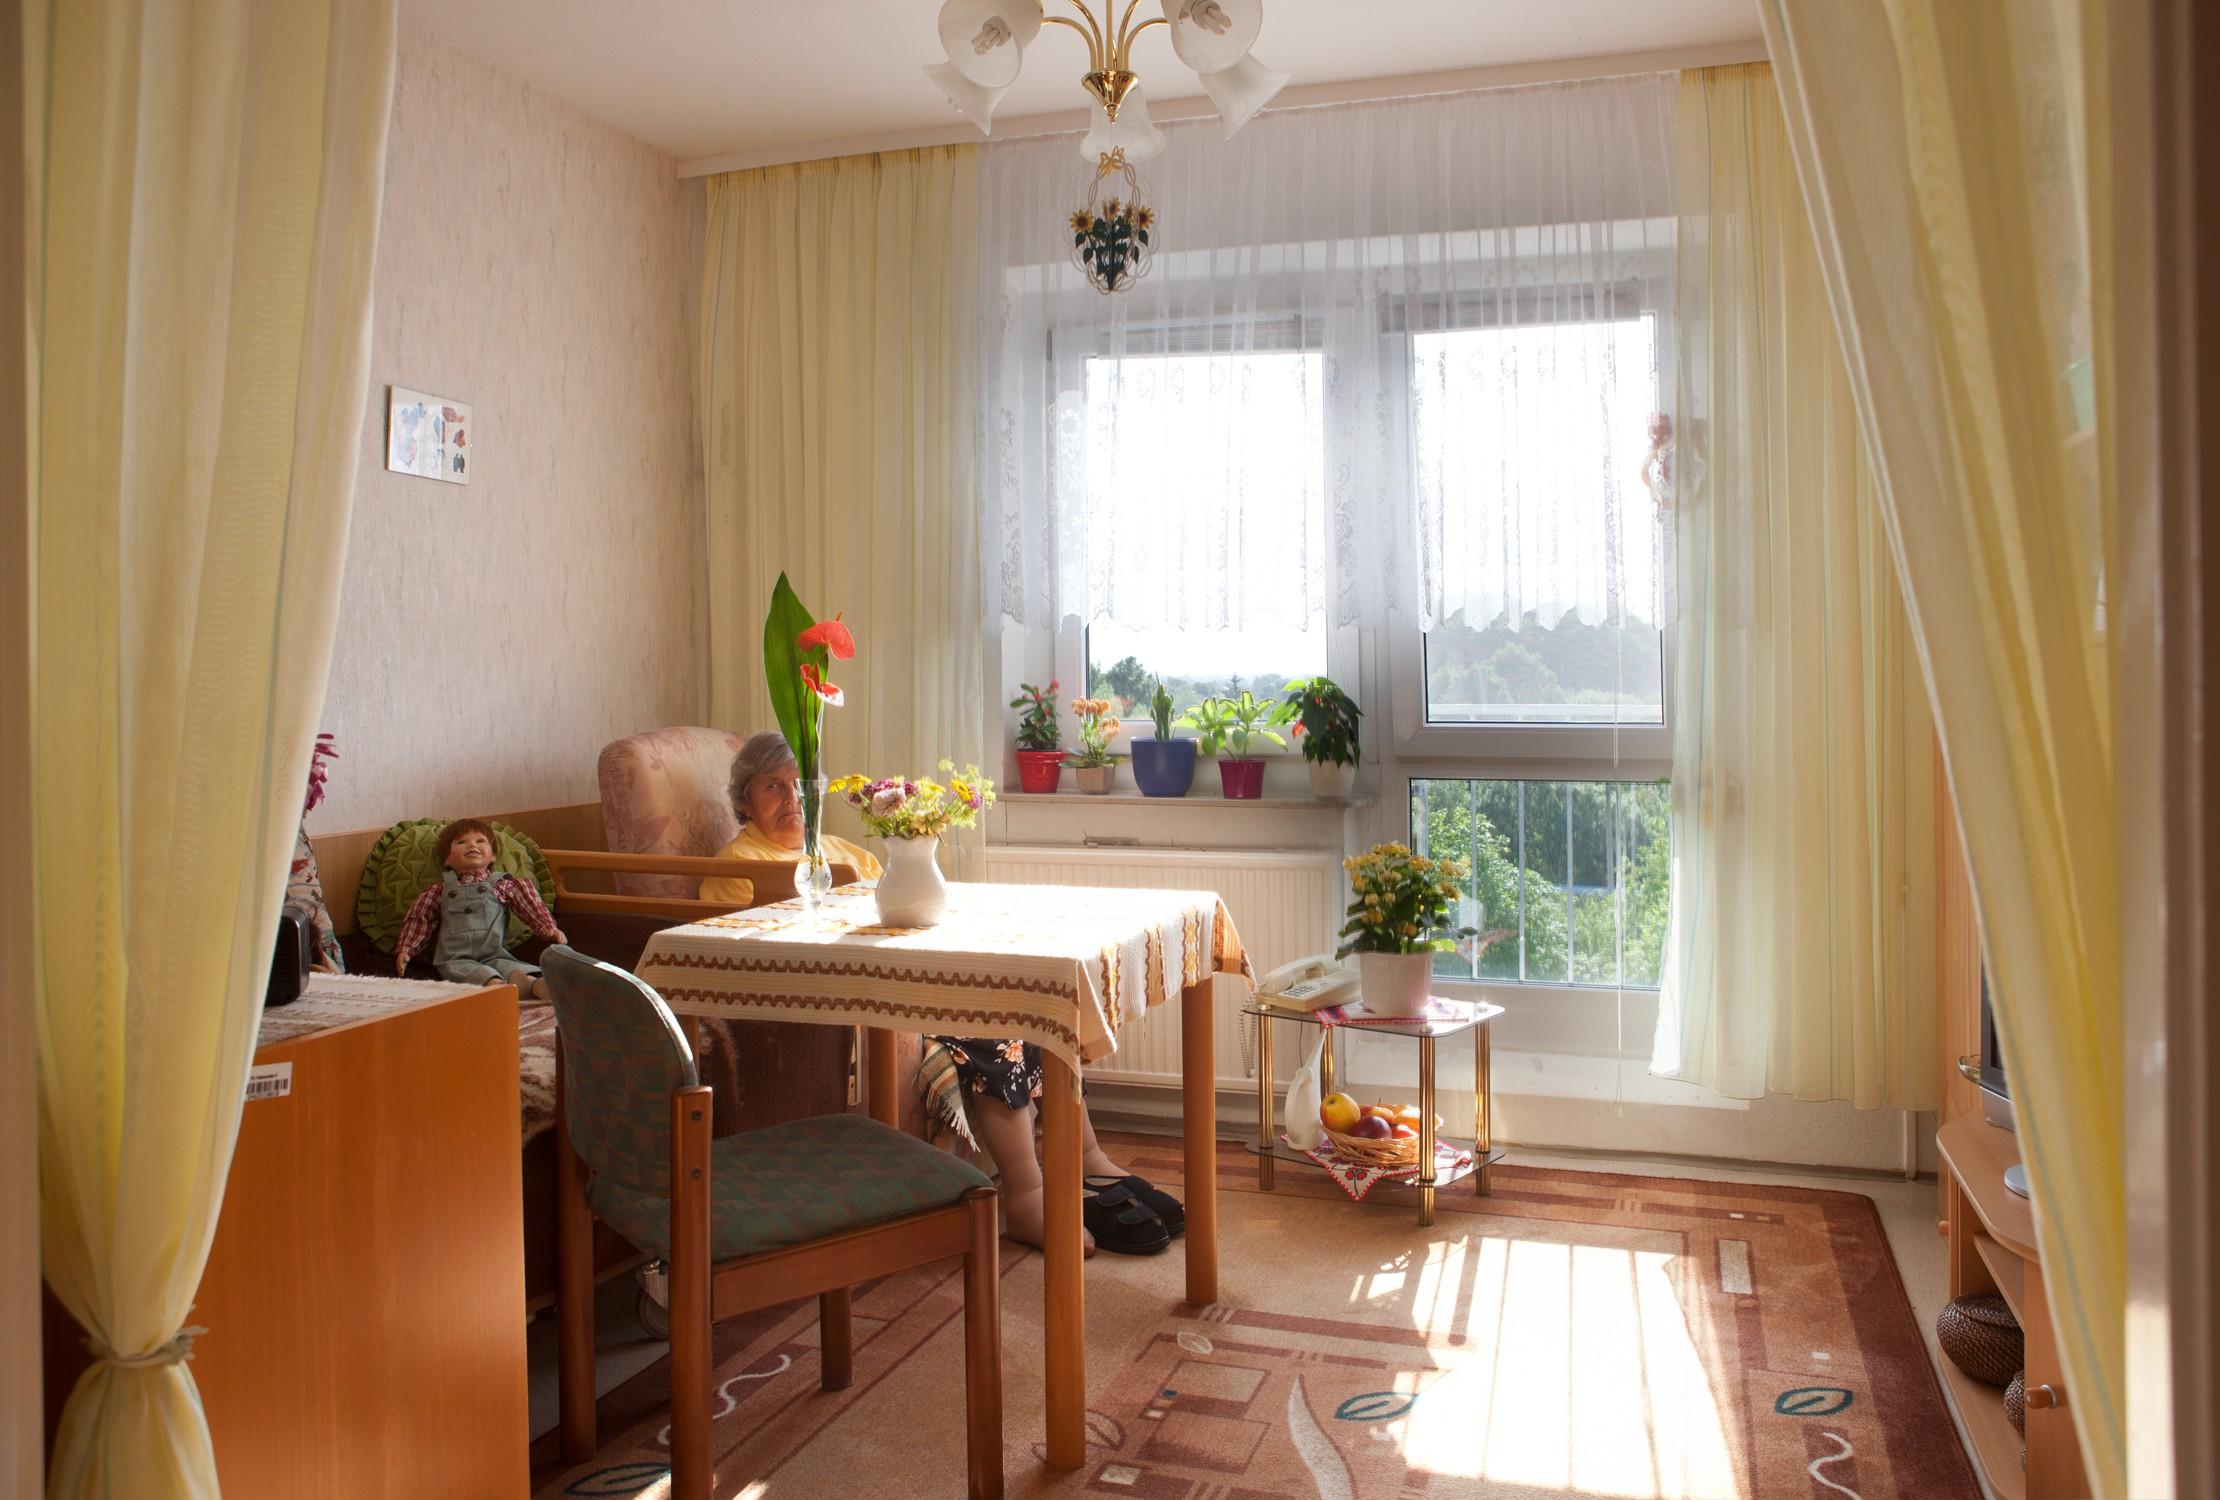 pflegeheim toitenwinkel ii in rostock auf wohnen im. Black Bedroom Furniture Sets. Home Design Ideas